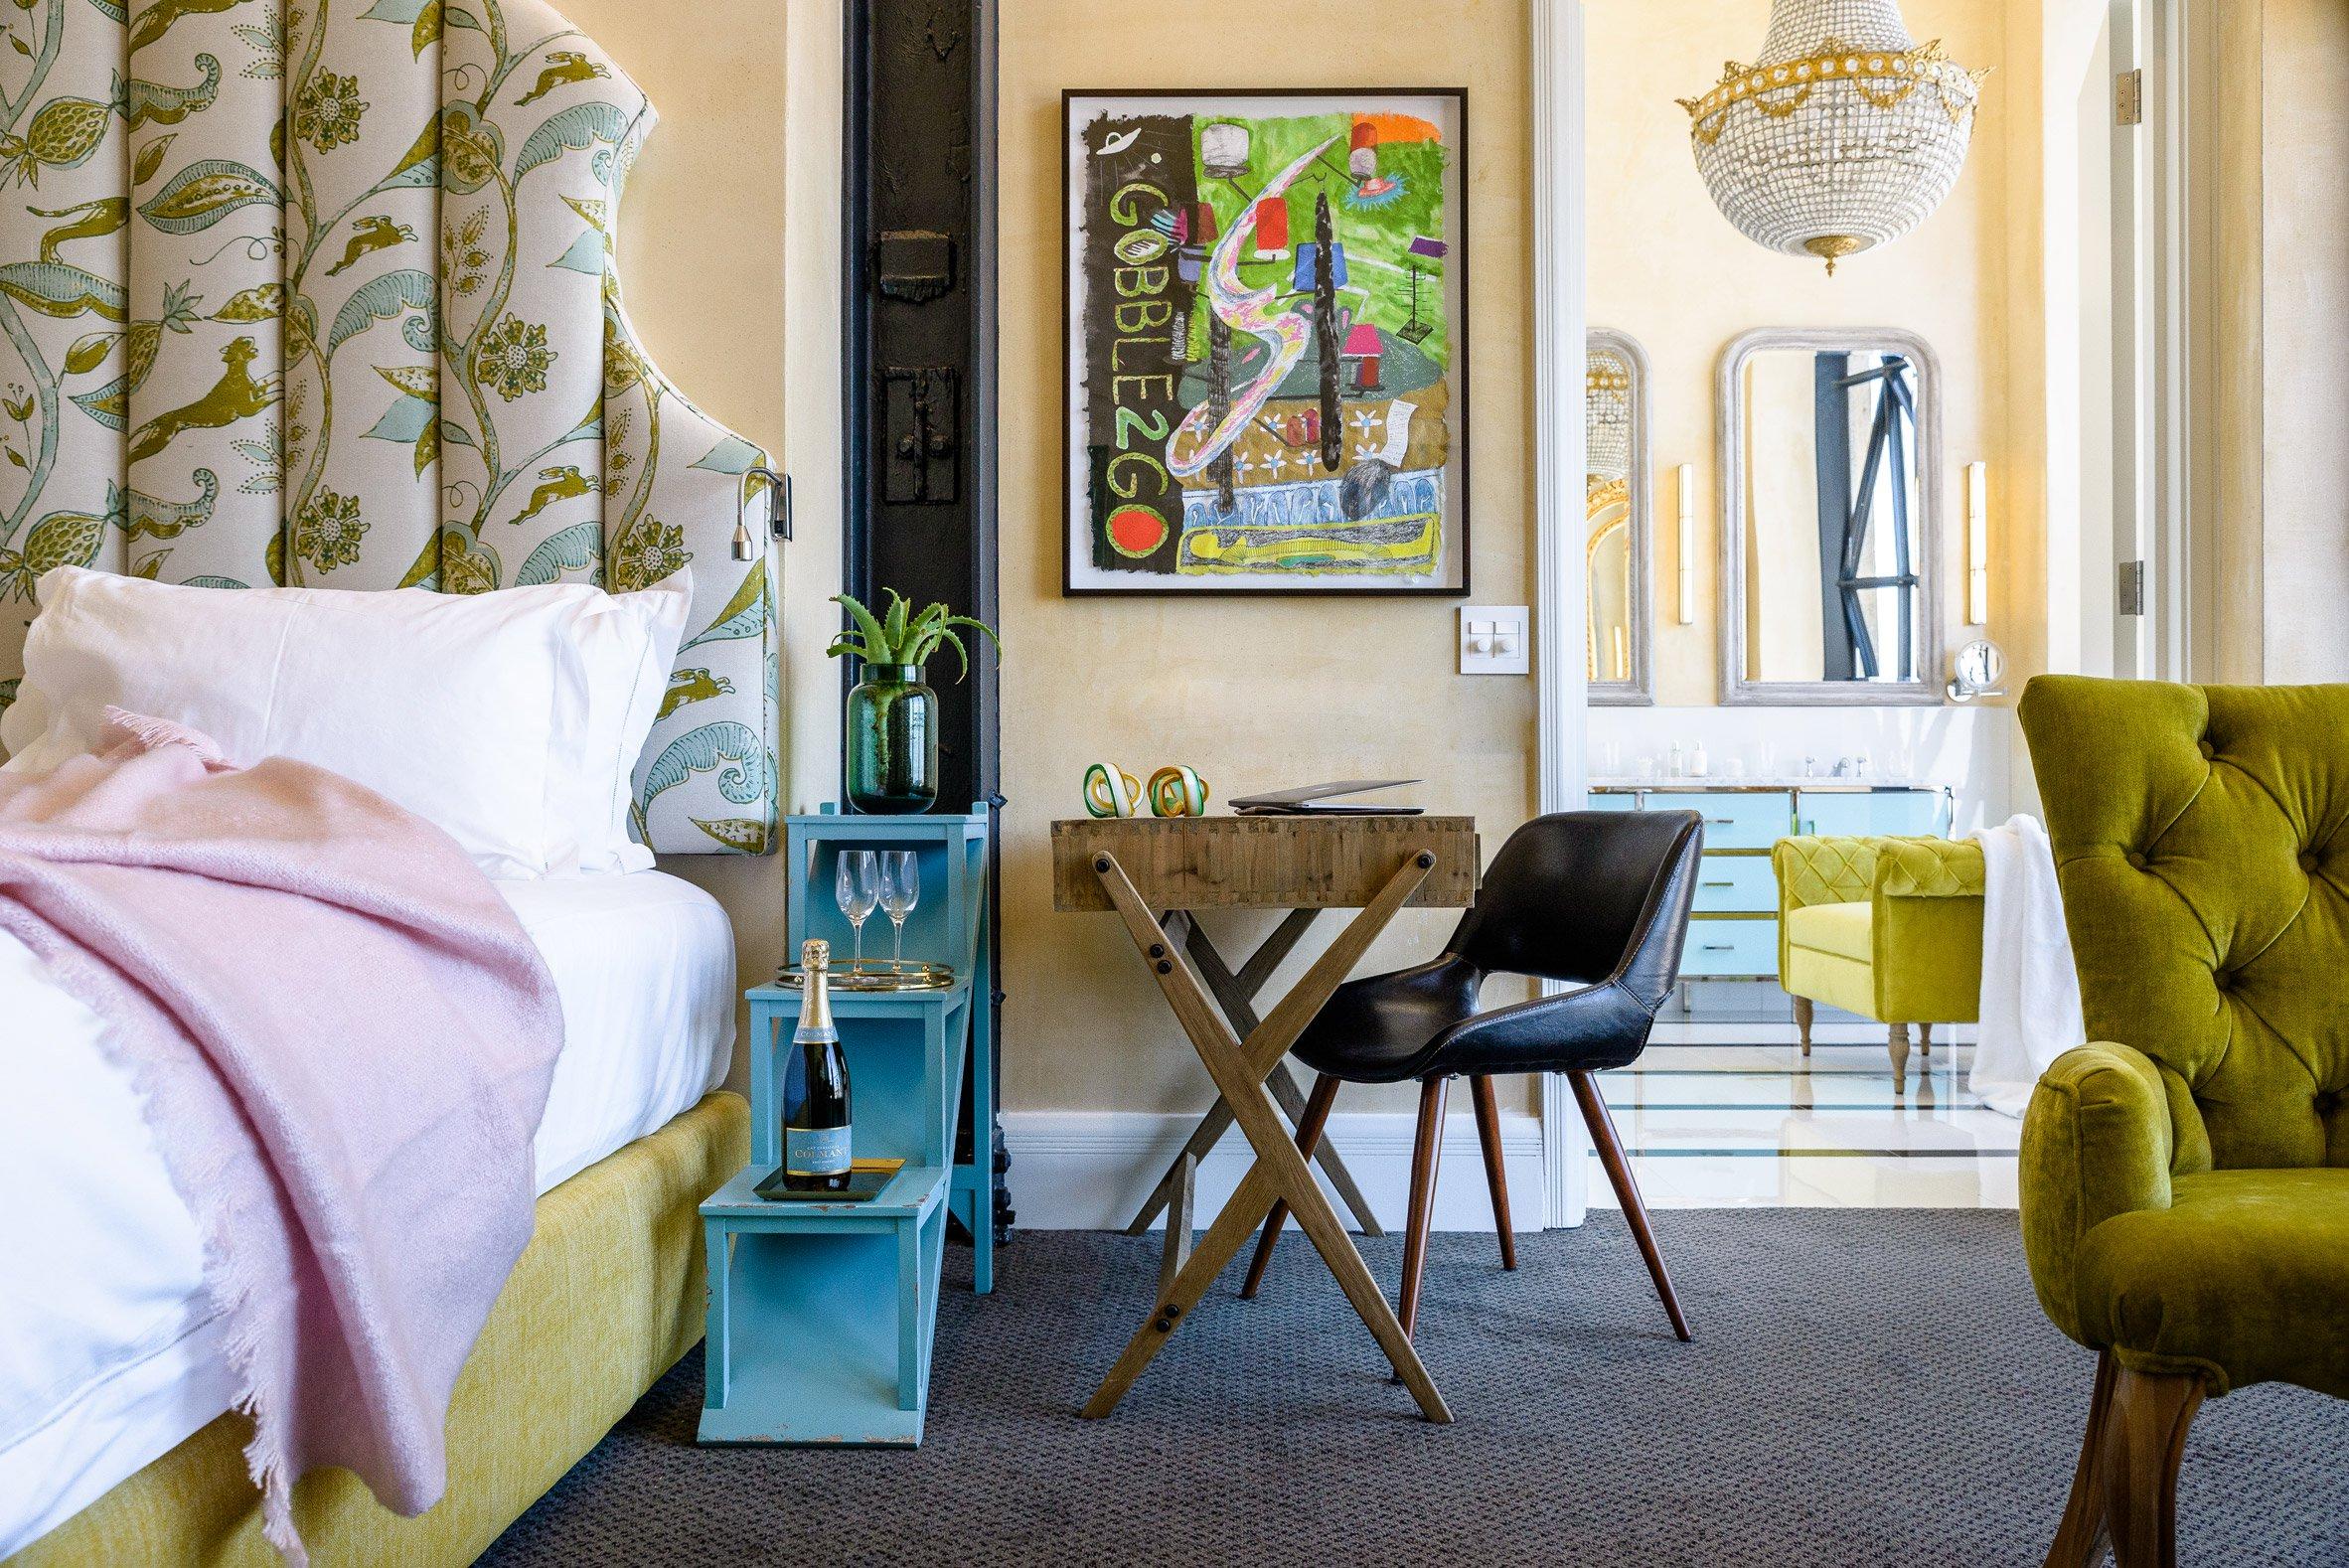 Il progetto è stato realizzato dallo studio Heatherwick / The Royal Portfolio hotel